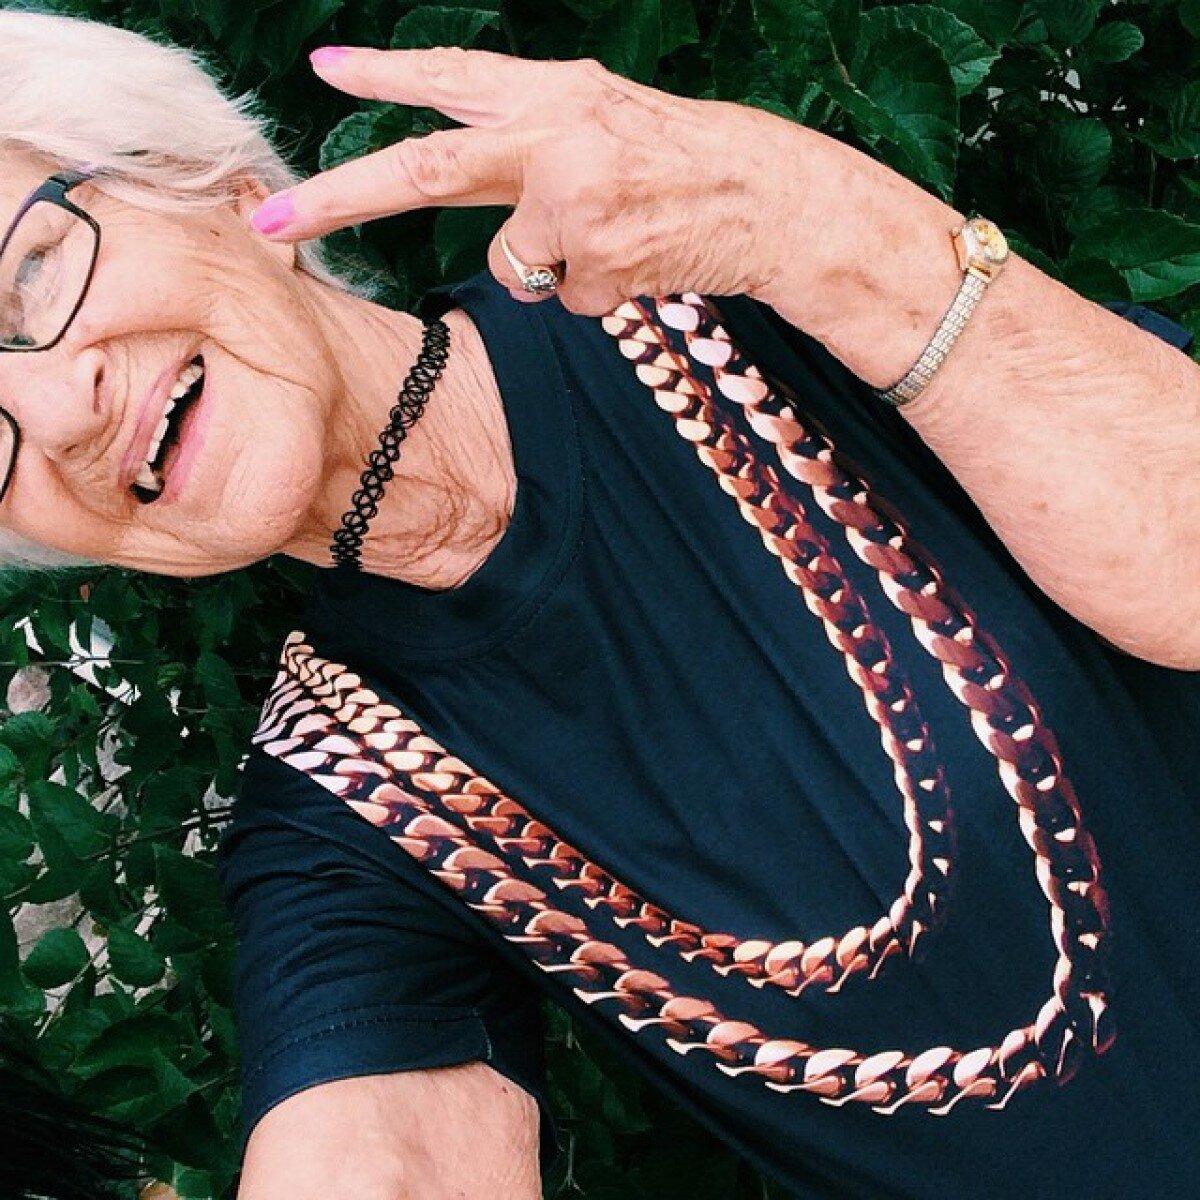 Пожилая дама носит чокер и не переживает, что о ней думают другие! /Фото: alwaysbusymama.com